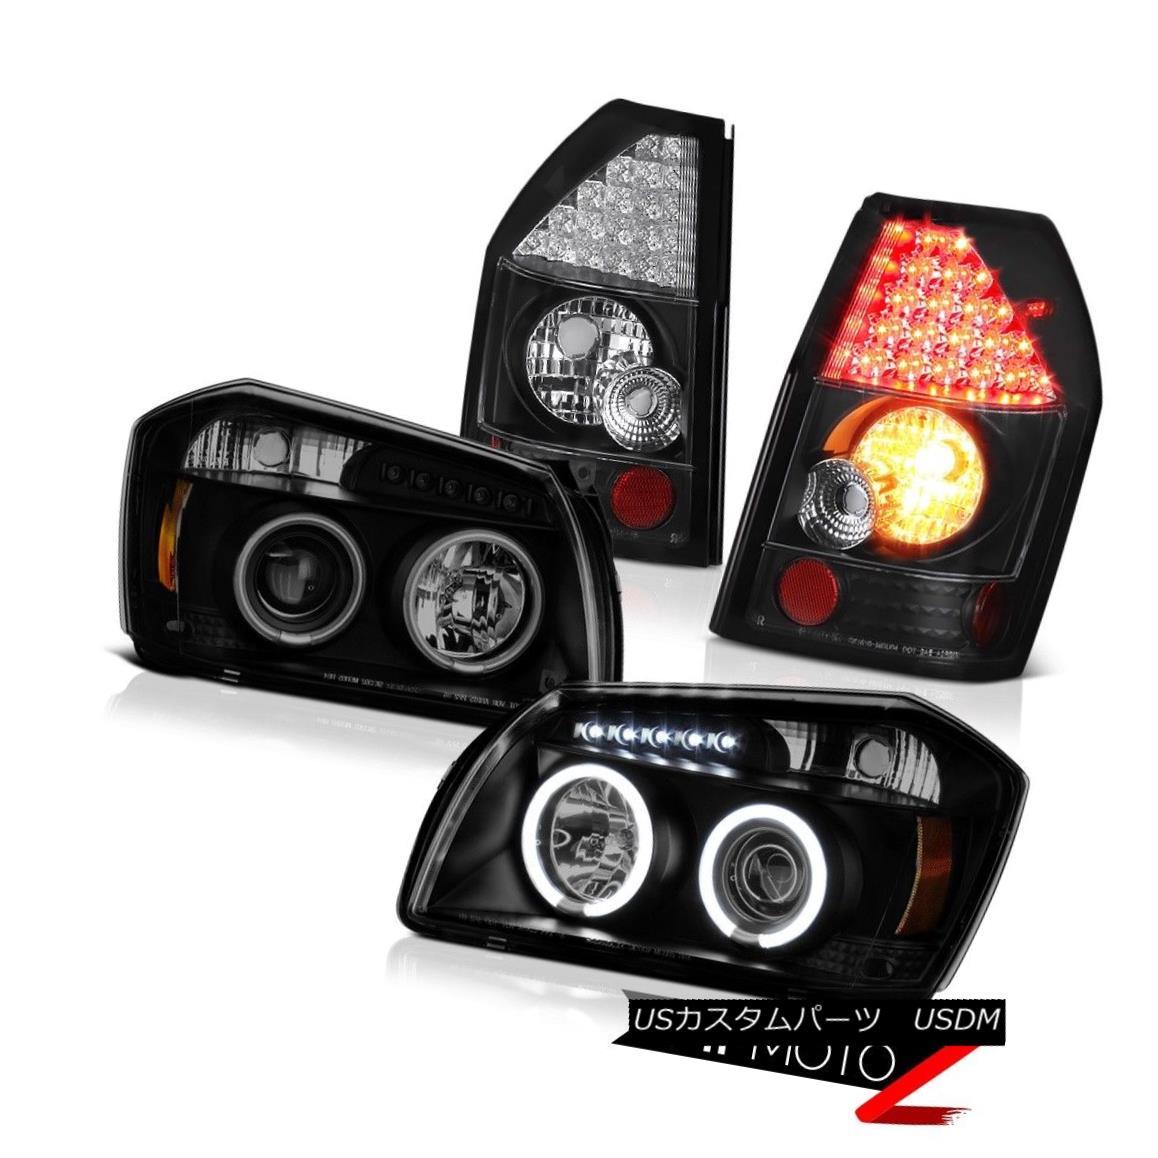 テールライト 05 06 07 Dodge Magnum Se Inky Black Rear Brake Lamps Sinister Headlamps LED SMD 05 06 07 Dodge Magnum Se Inky BlackリアブレーキランプSinisterヘッドランプLED SMD